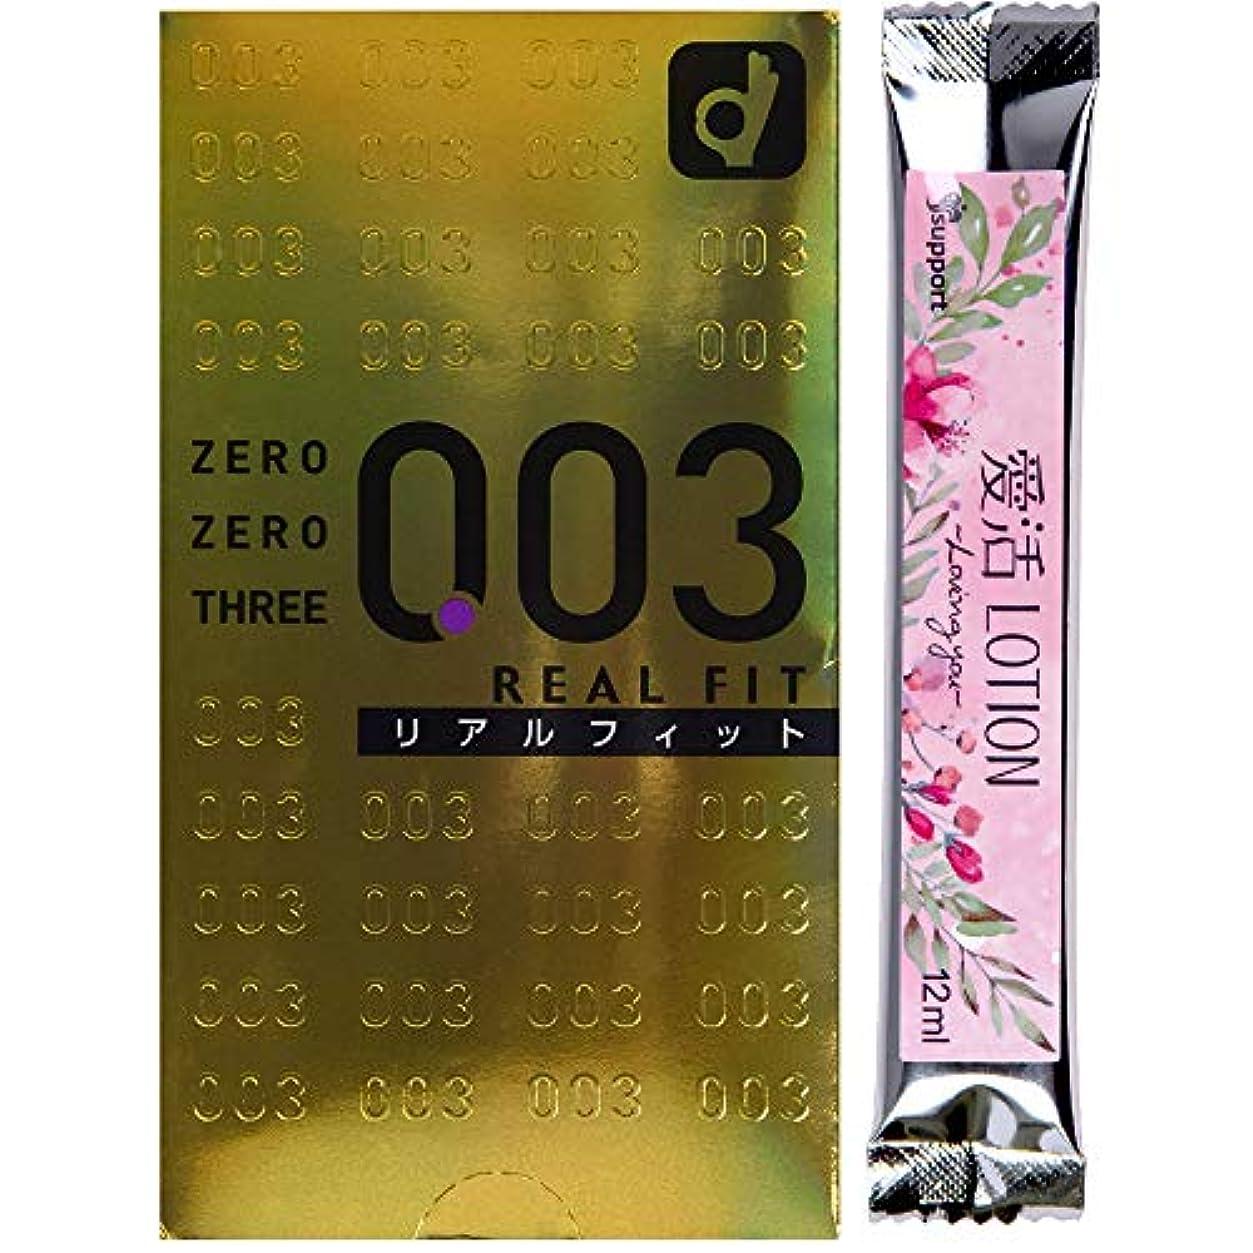 渇きリフレッシュマイルゼロゼロスリー003 リアルフィット 10個入り + 愛活ローション12mlセット